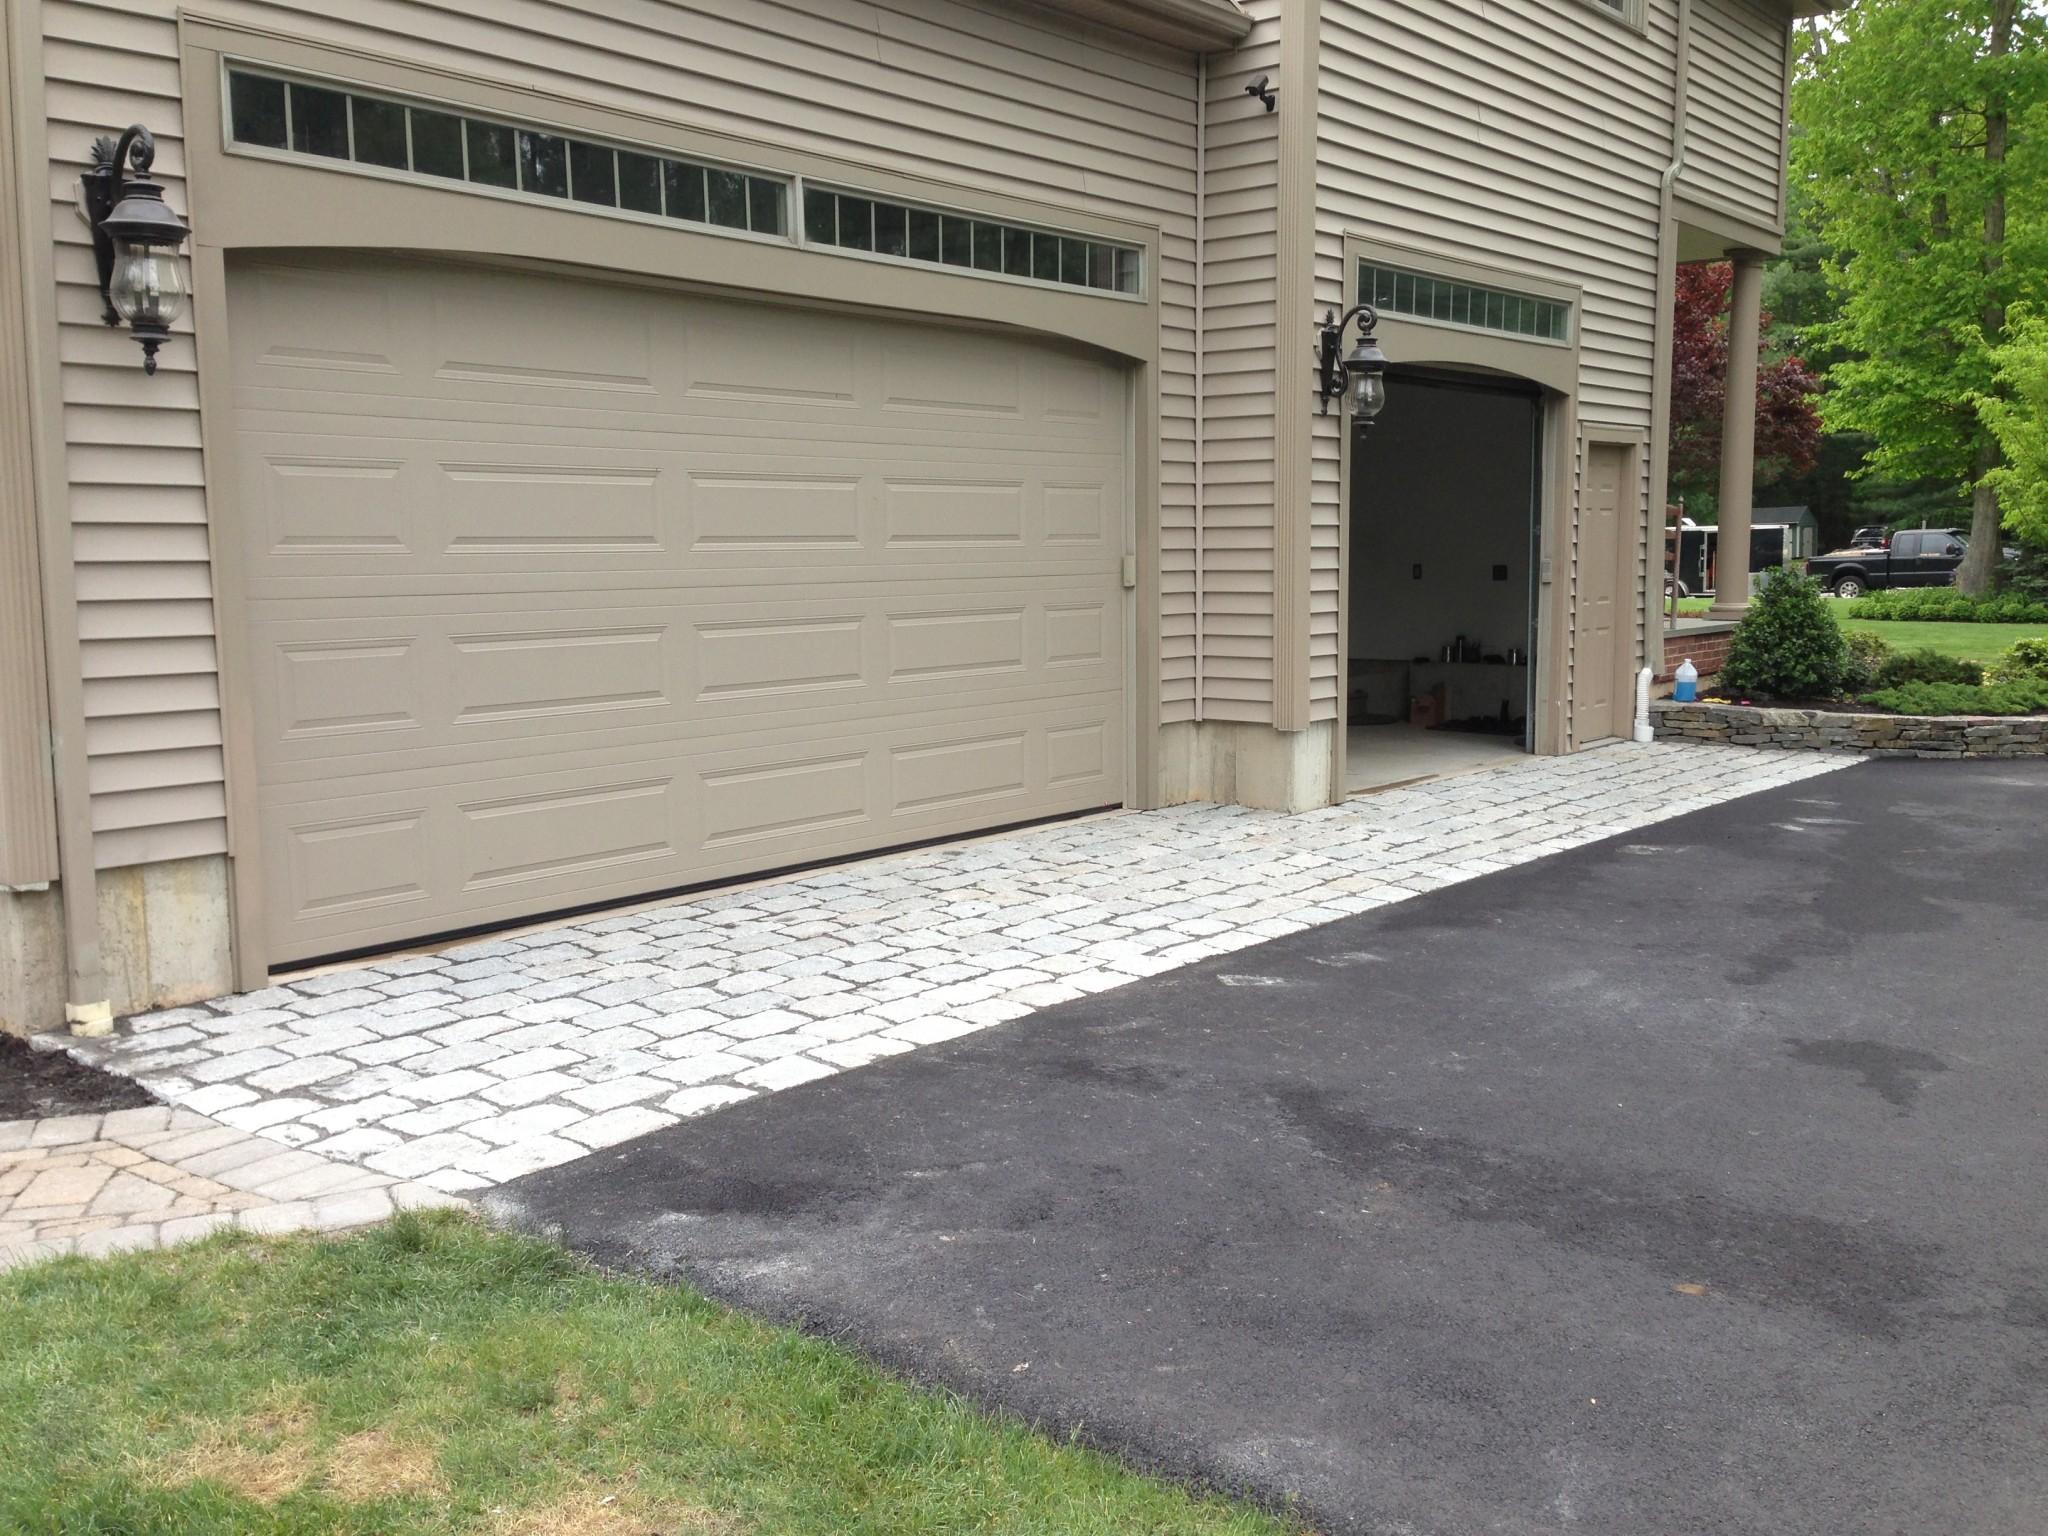 driveway-aprons_32663116710_o